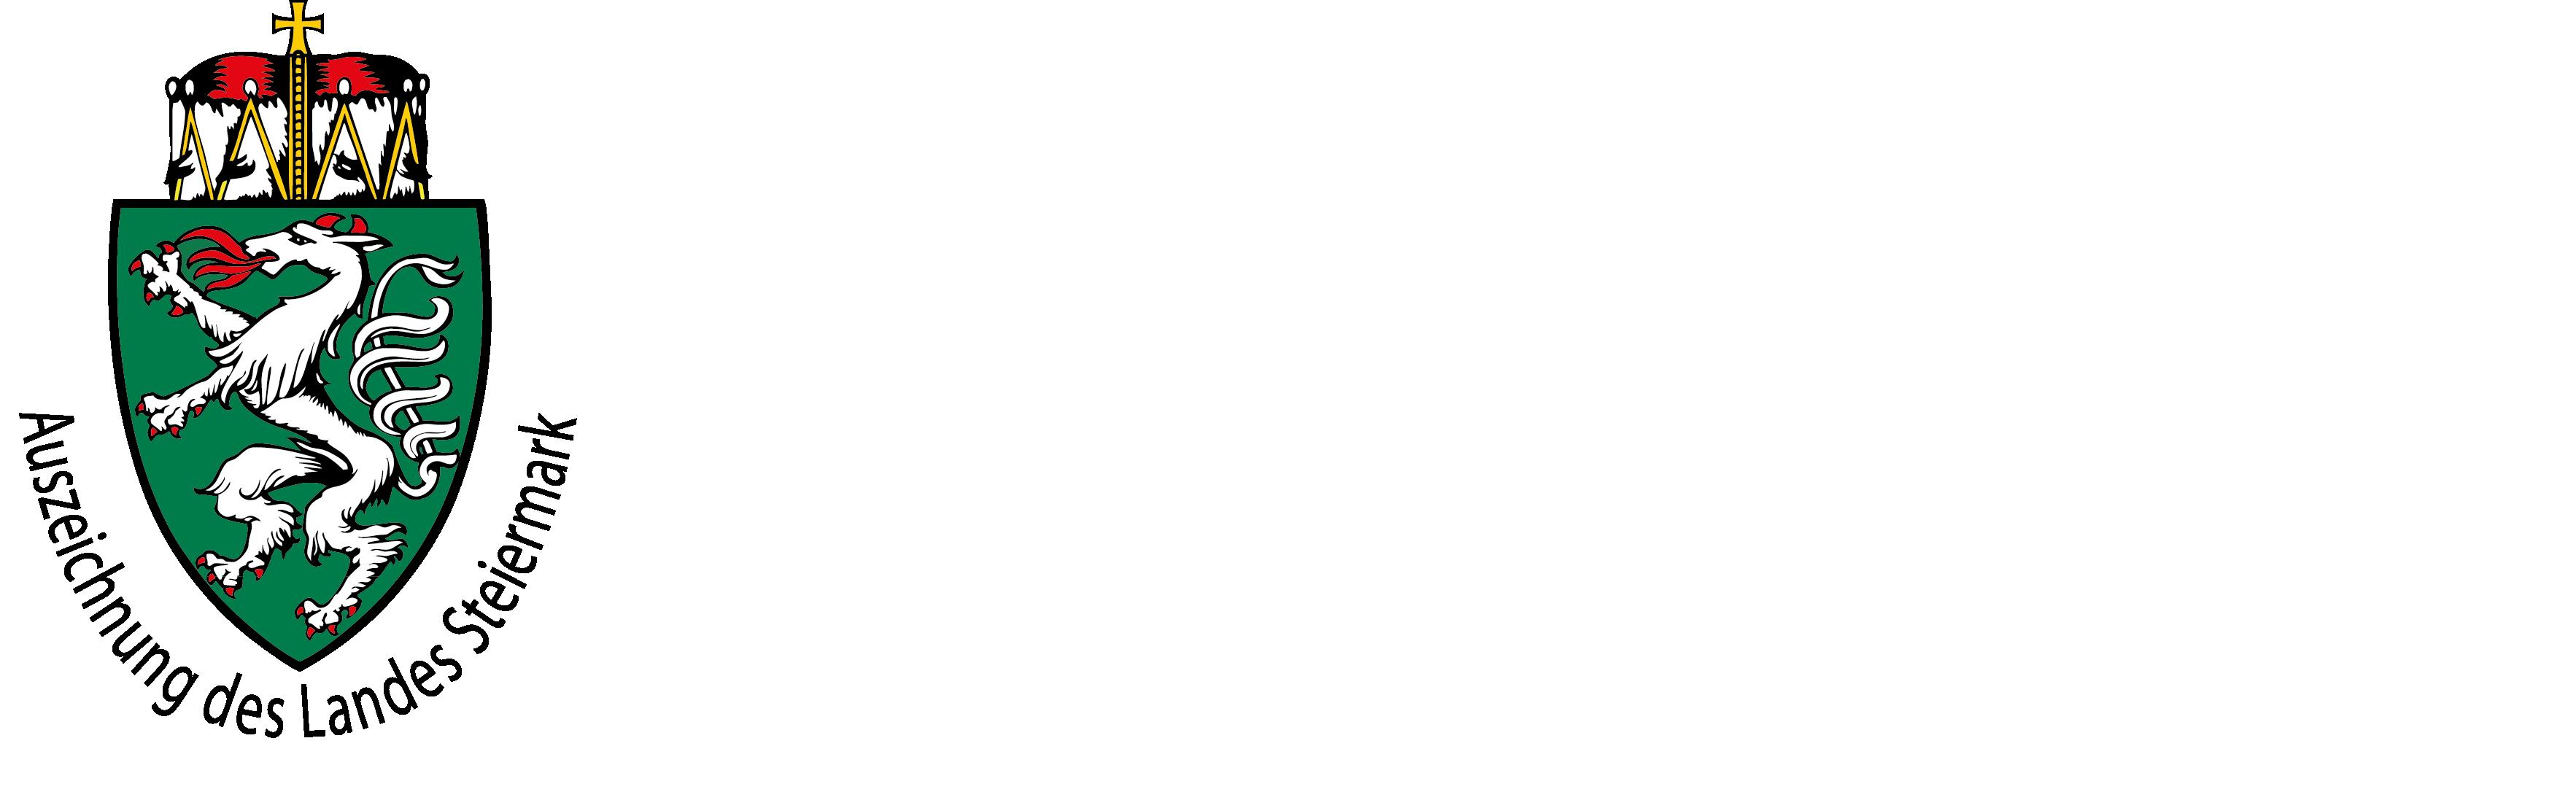 Murtal - Landestierschutzverein Steiermark